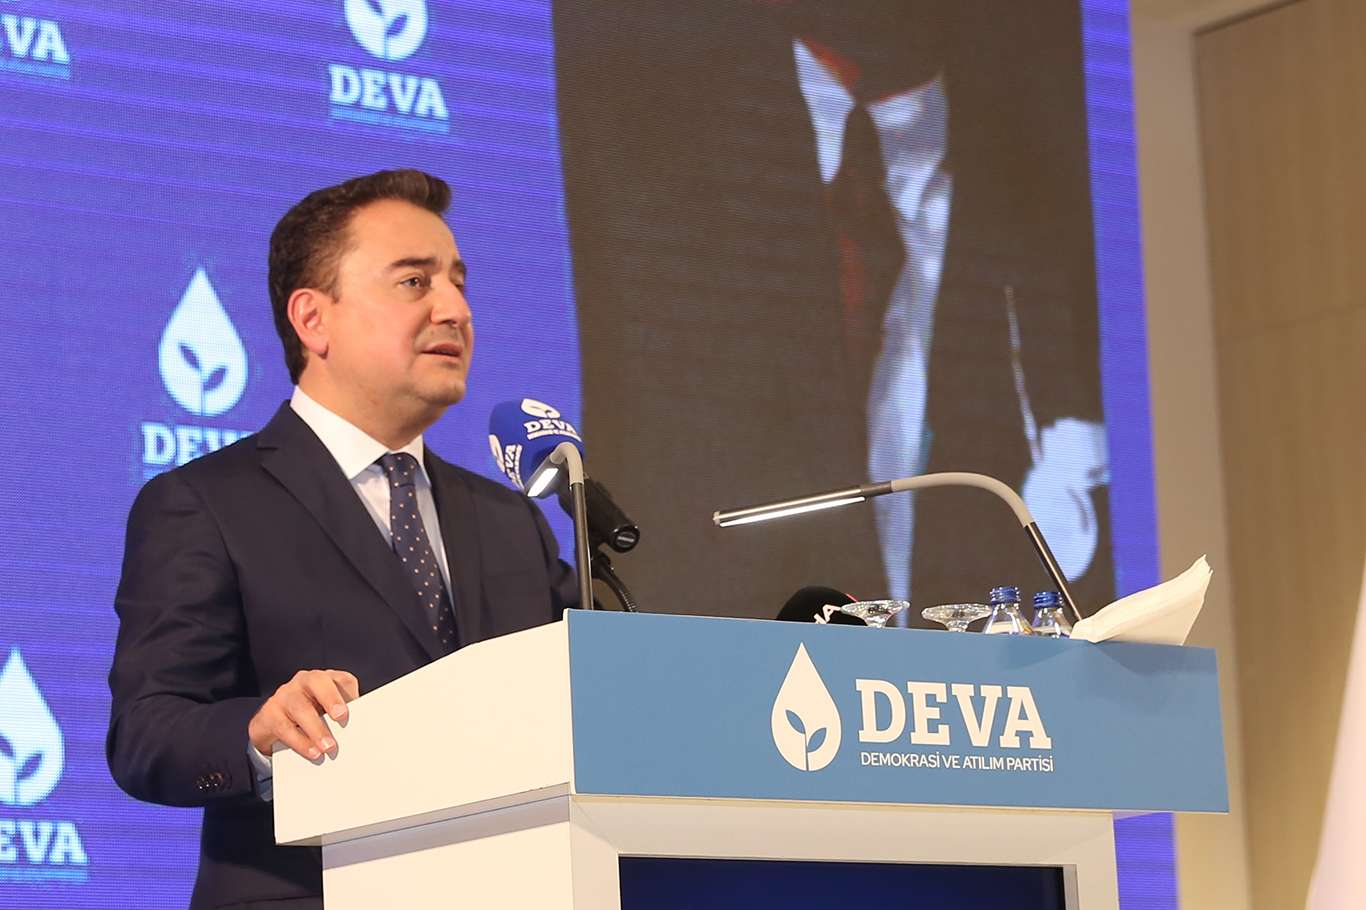 DEVA Partisi Genel Başkanı Babacandan anadilde eğitim hakkı açıklaması